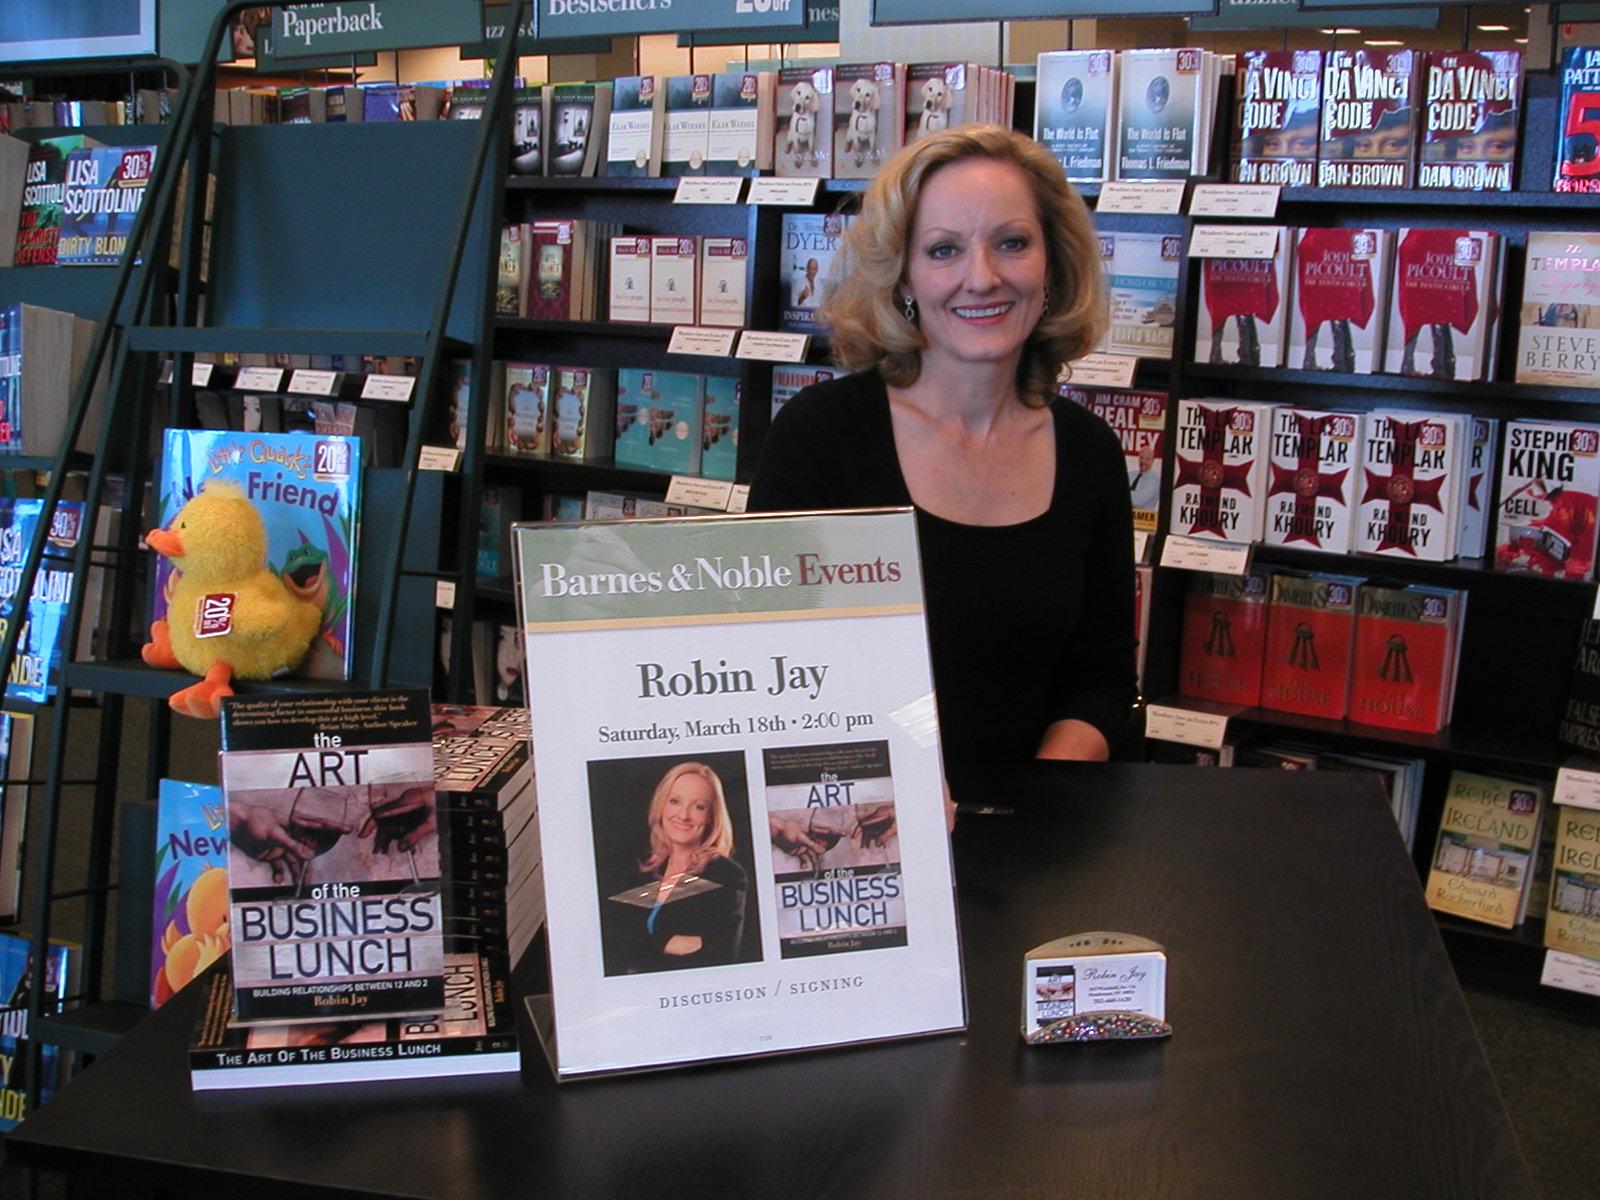 Robin Jay, Book Signing at Barnes & Noble